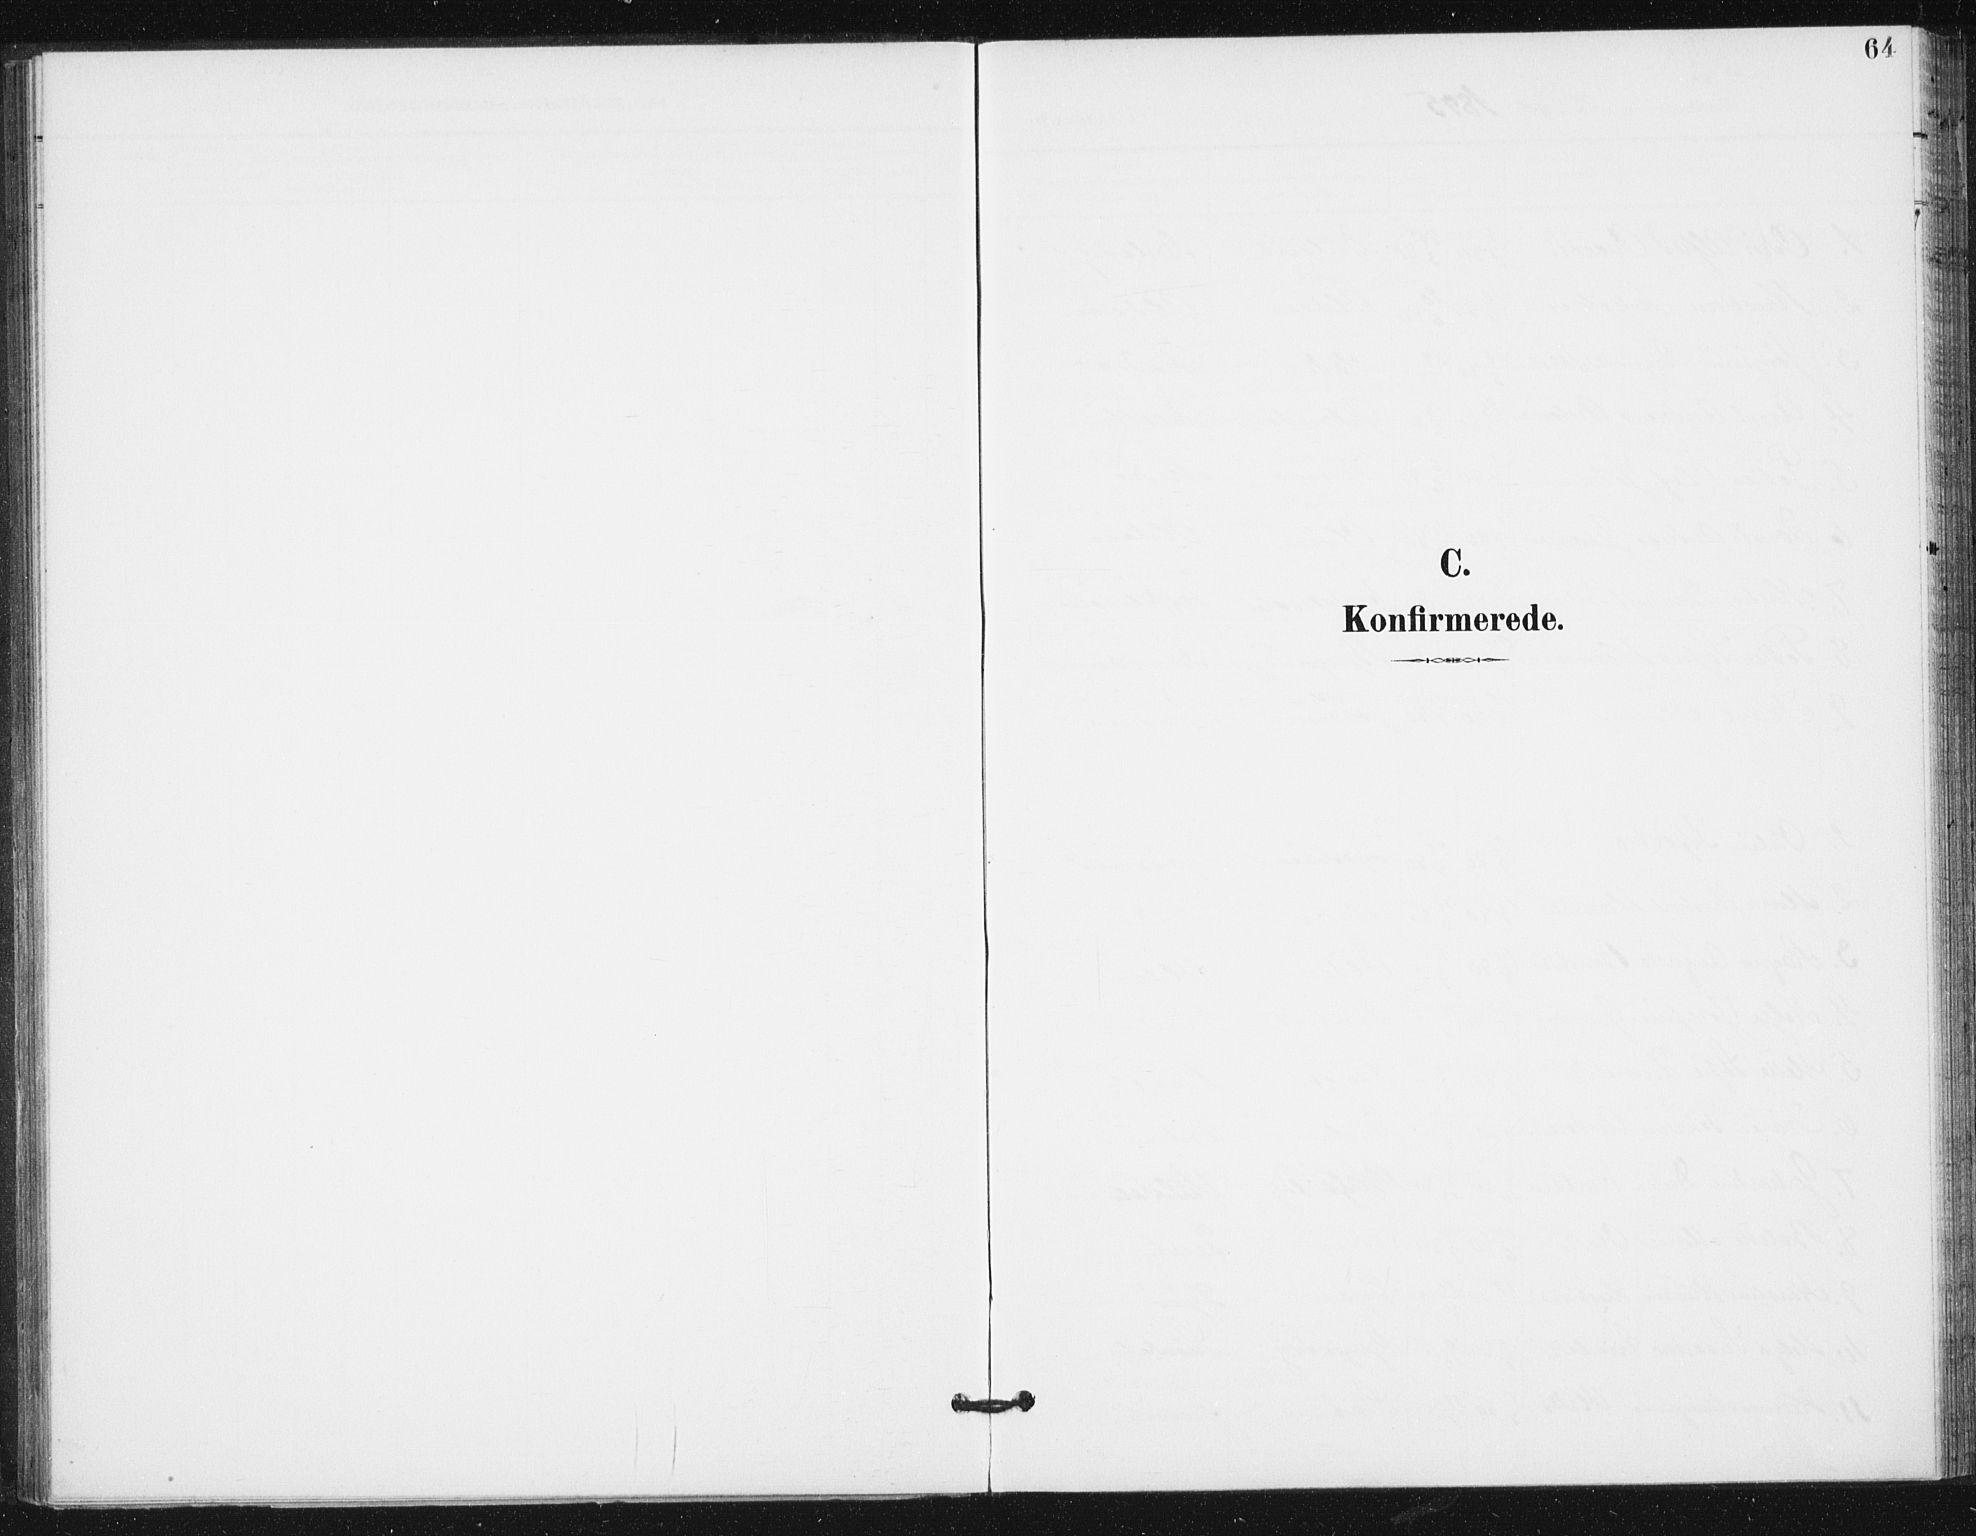 SAT, Ministerialprotokoller, klokkerbøker og fødselsregistre - Sør-Trøndelag, 654/L0664: Ministerialbok nr. 654A02, 1895-1907, s. 64